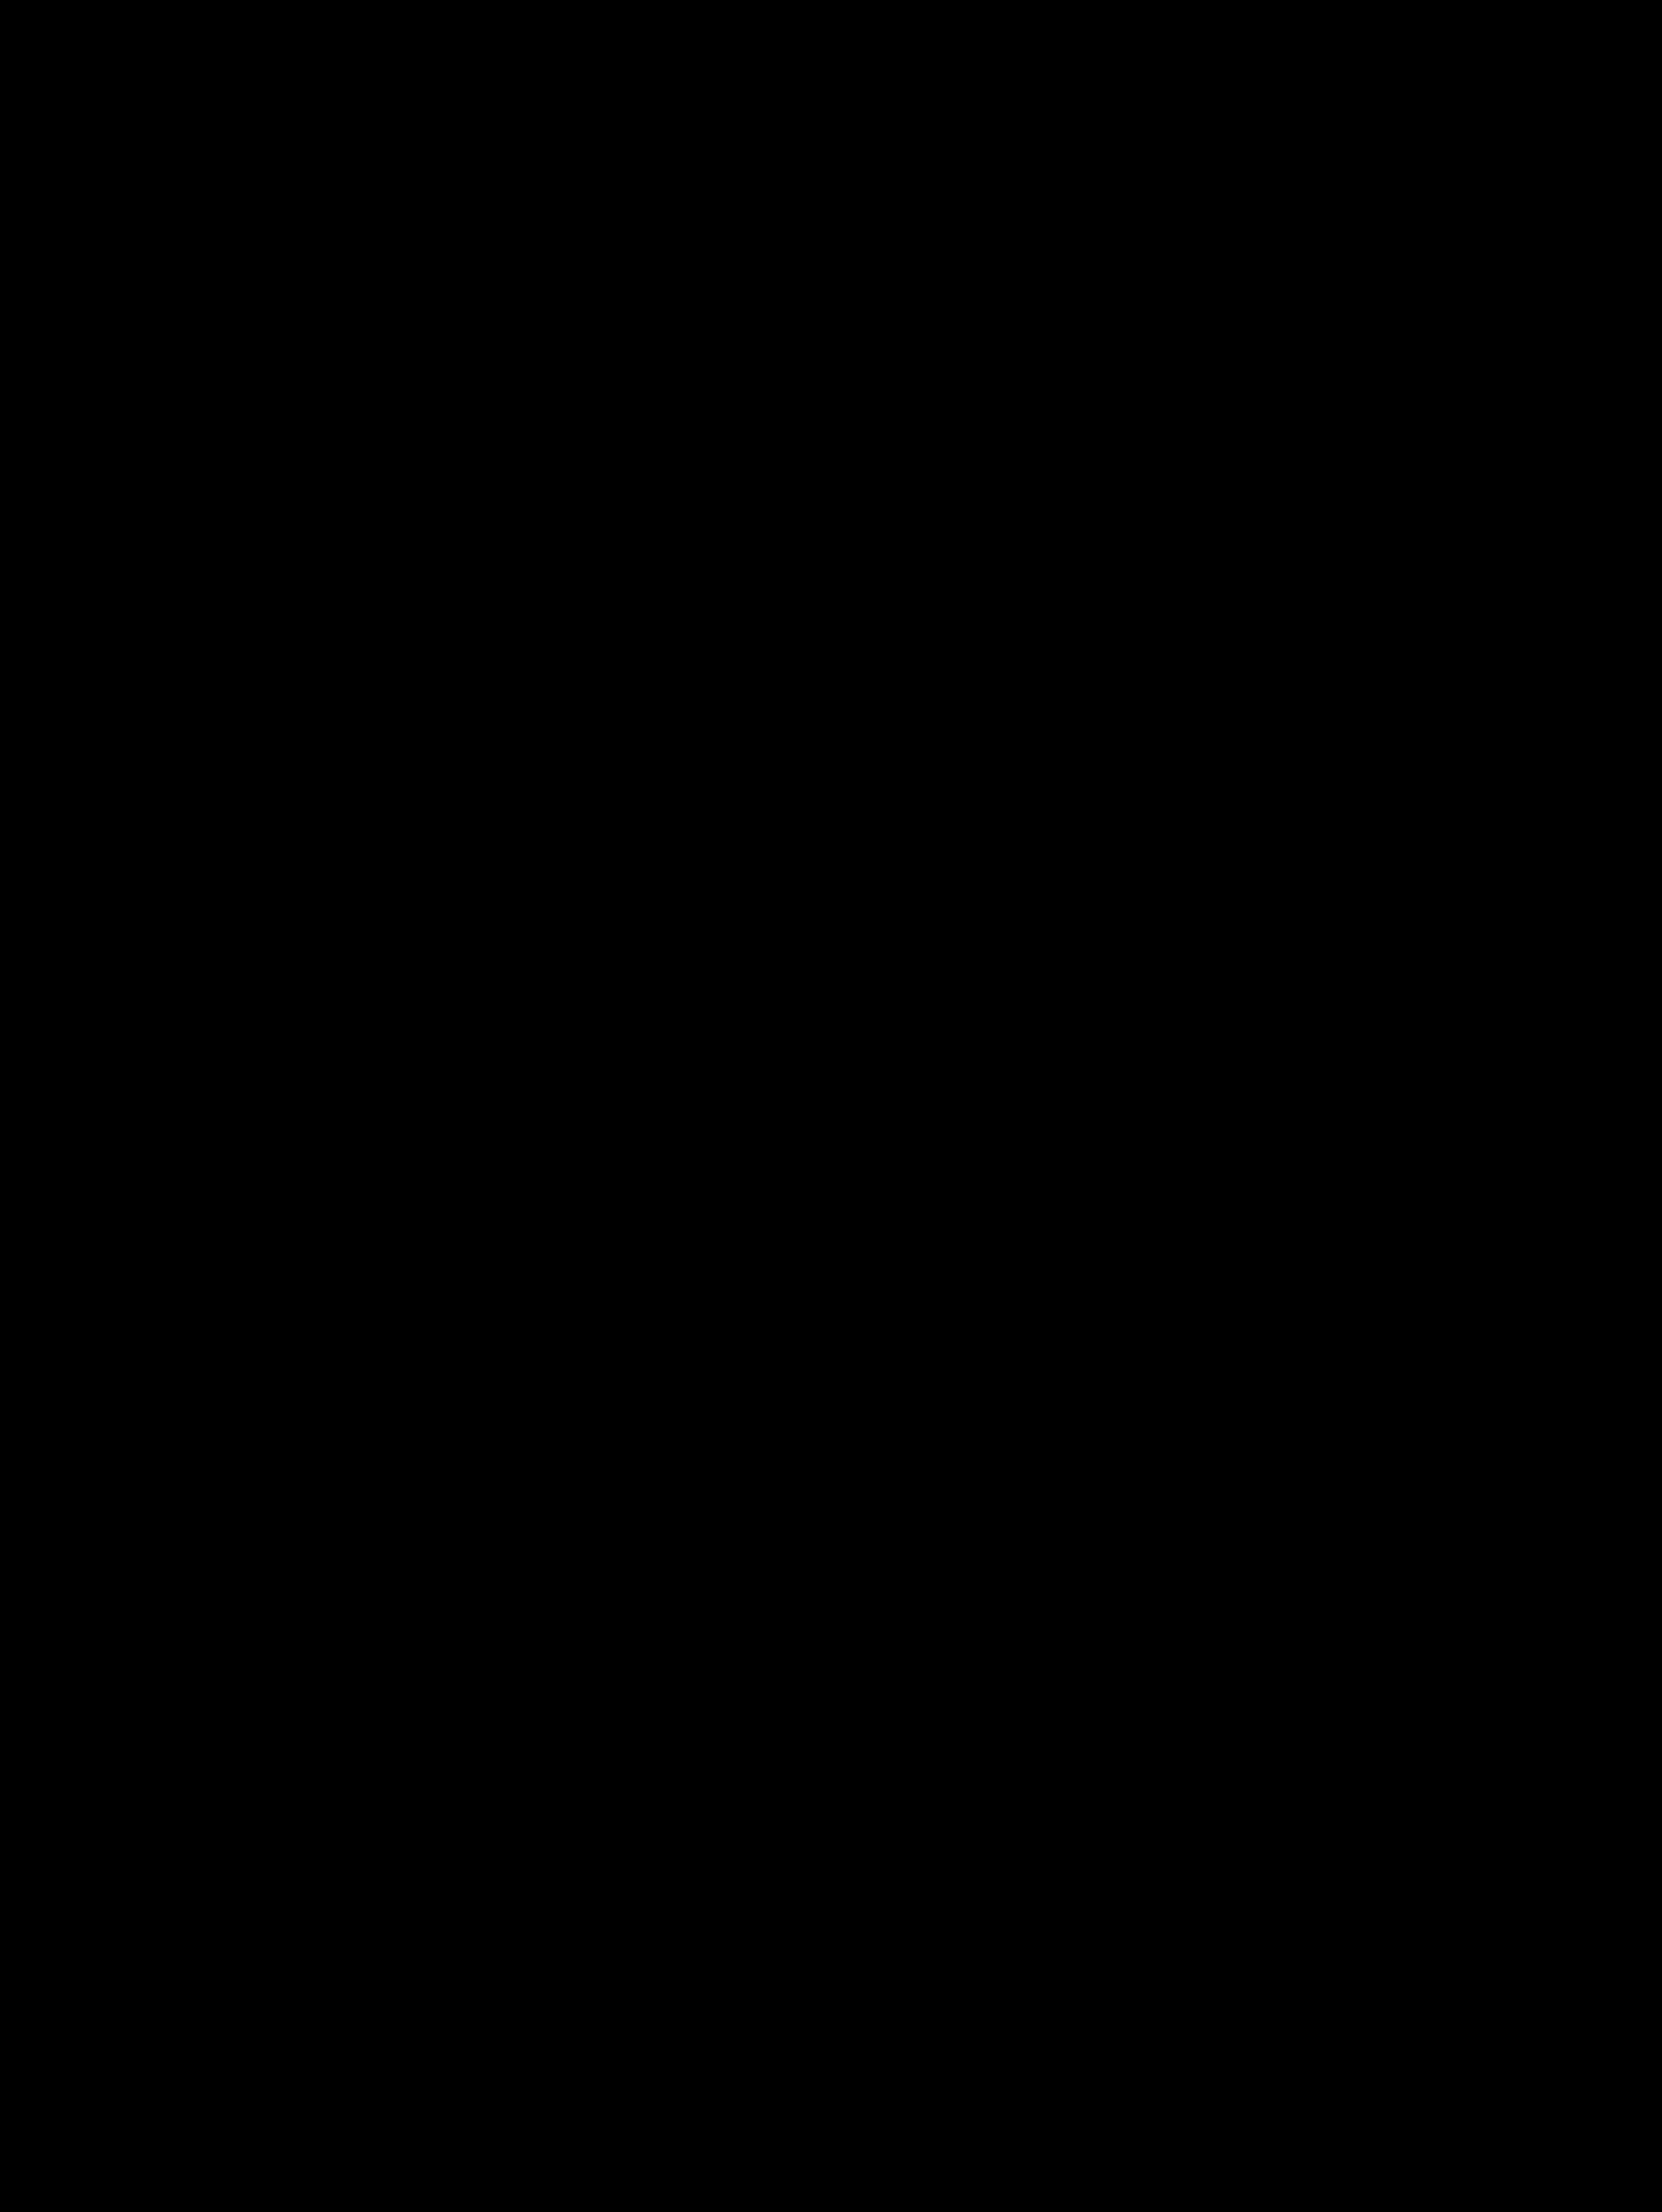 flat abs nude women